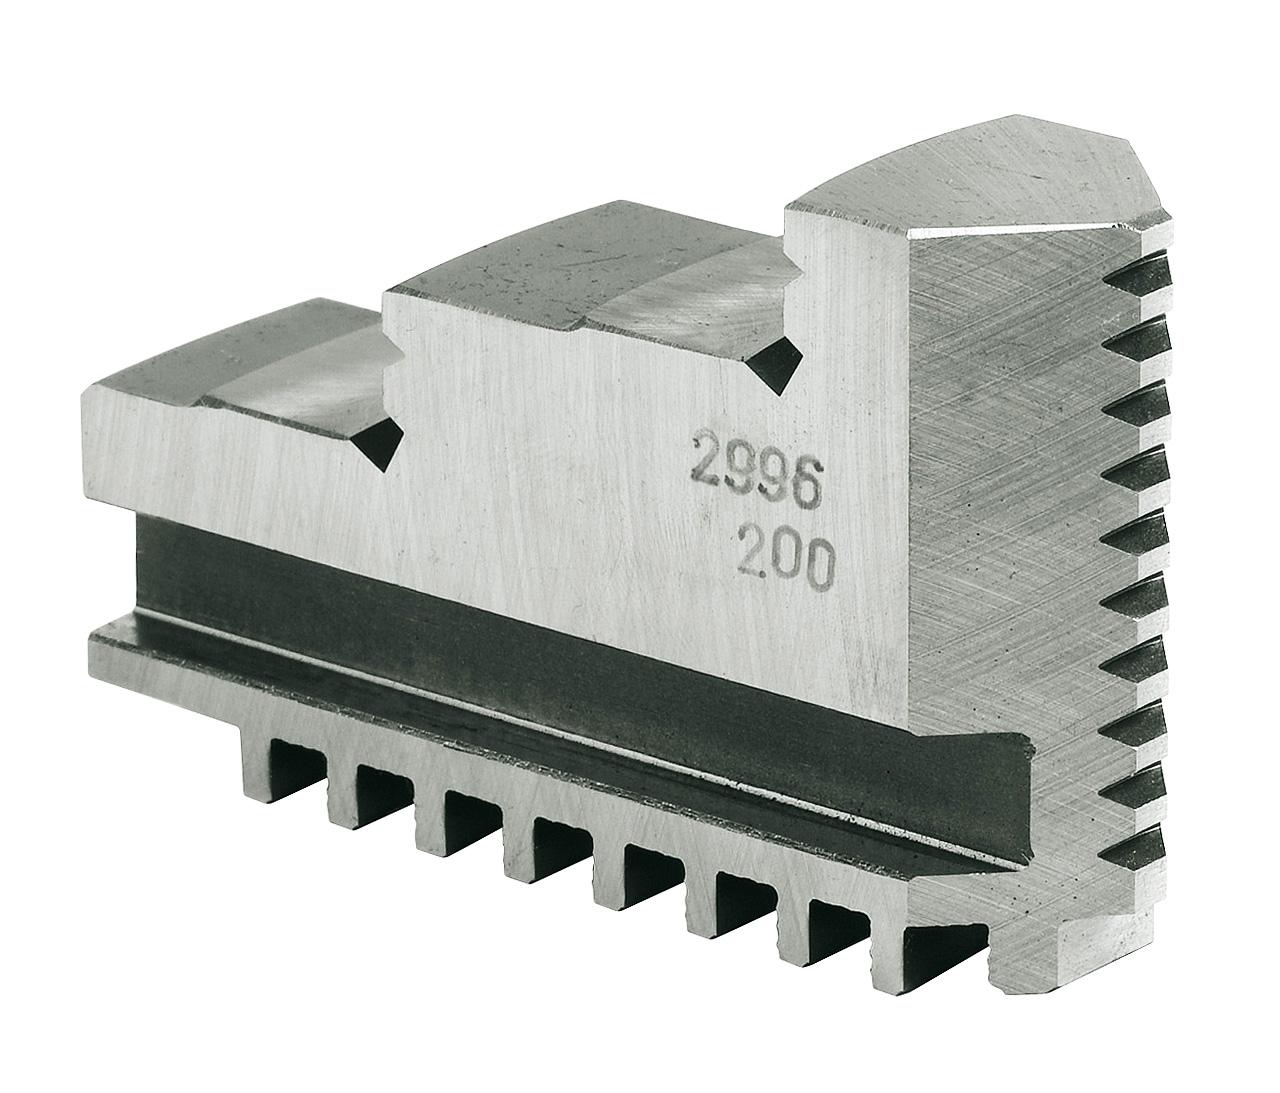 Szczęki jednolite twarde zewnętrzne - komplet OJ-PS3-125 BERNARDO